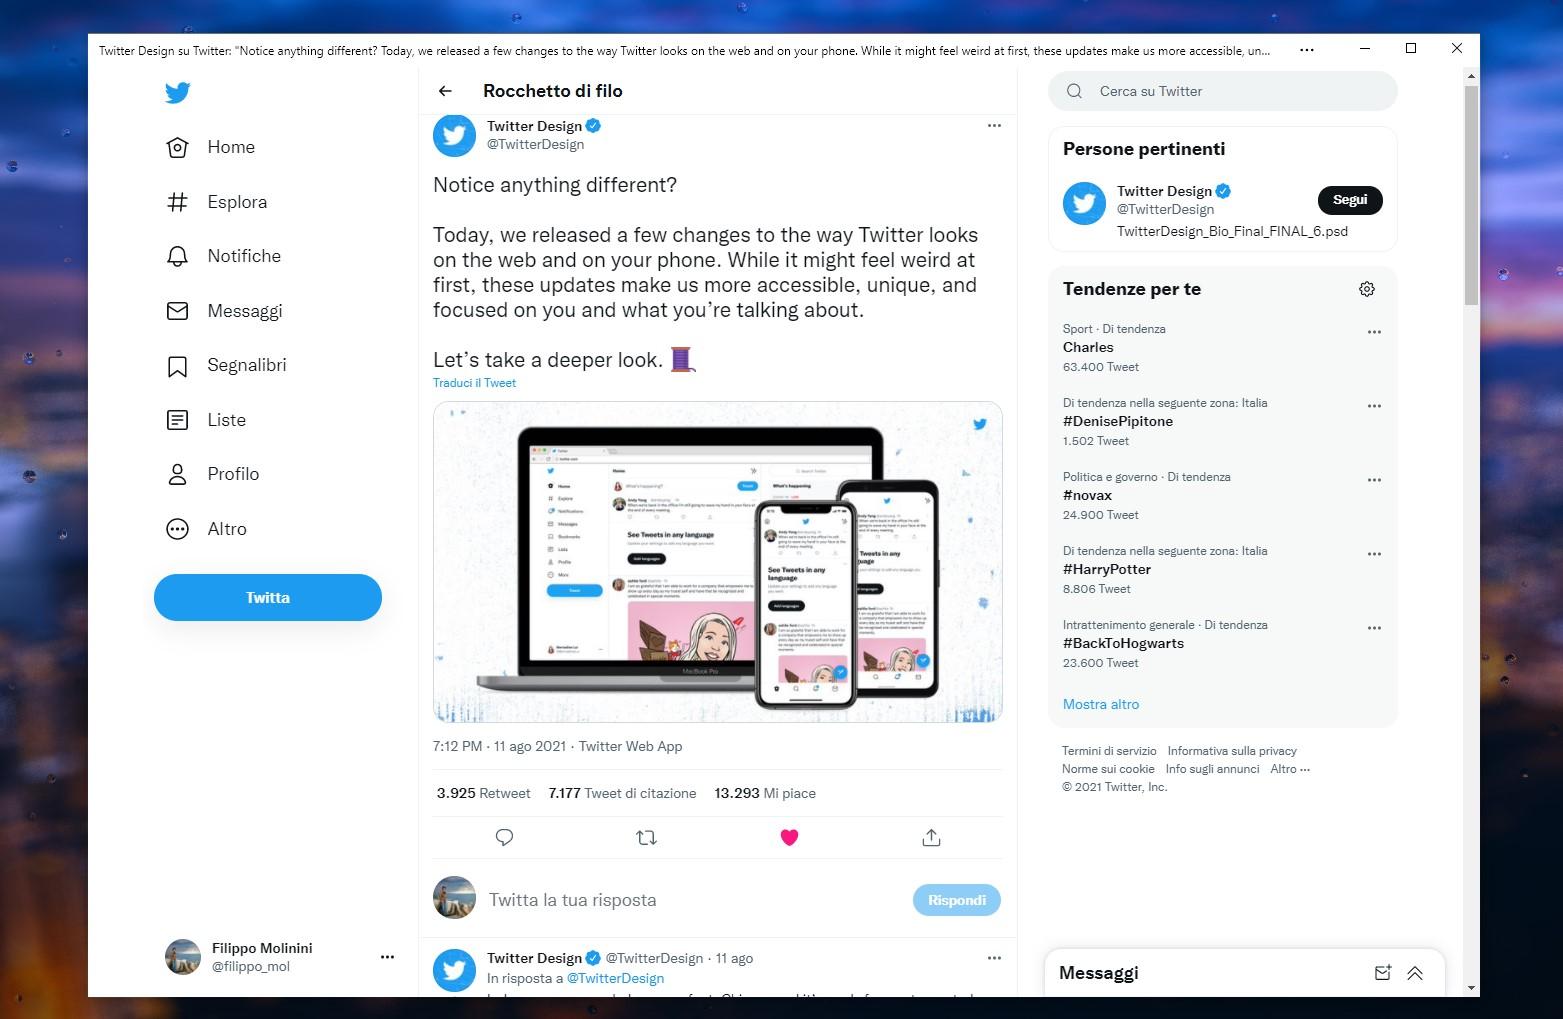 PWA di Twitter per Windows - Nuovo design e font